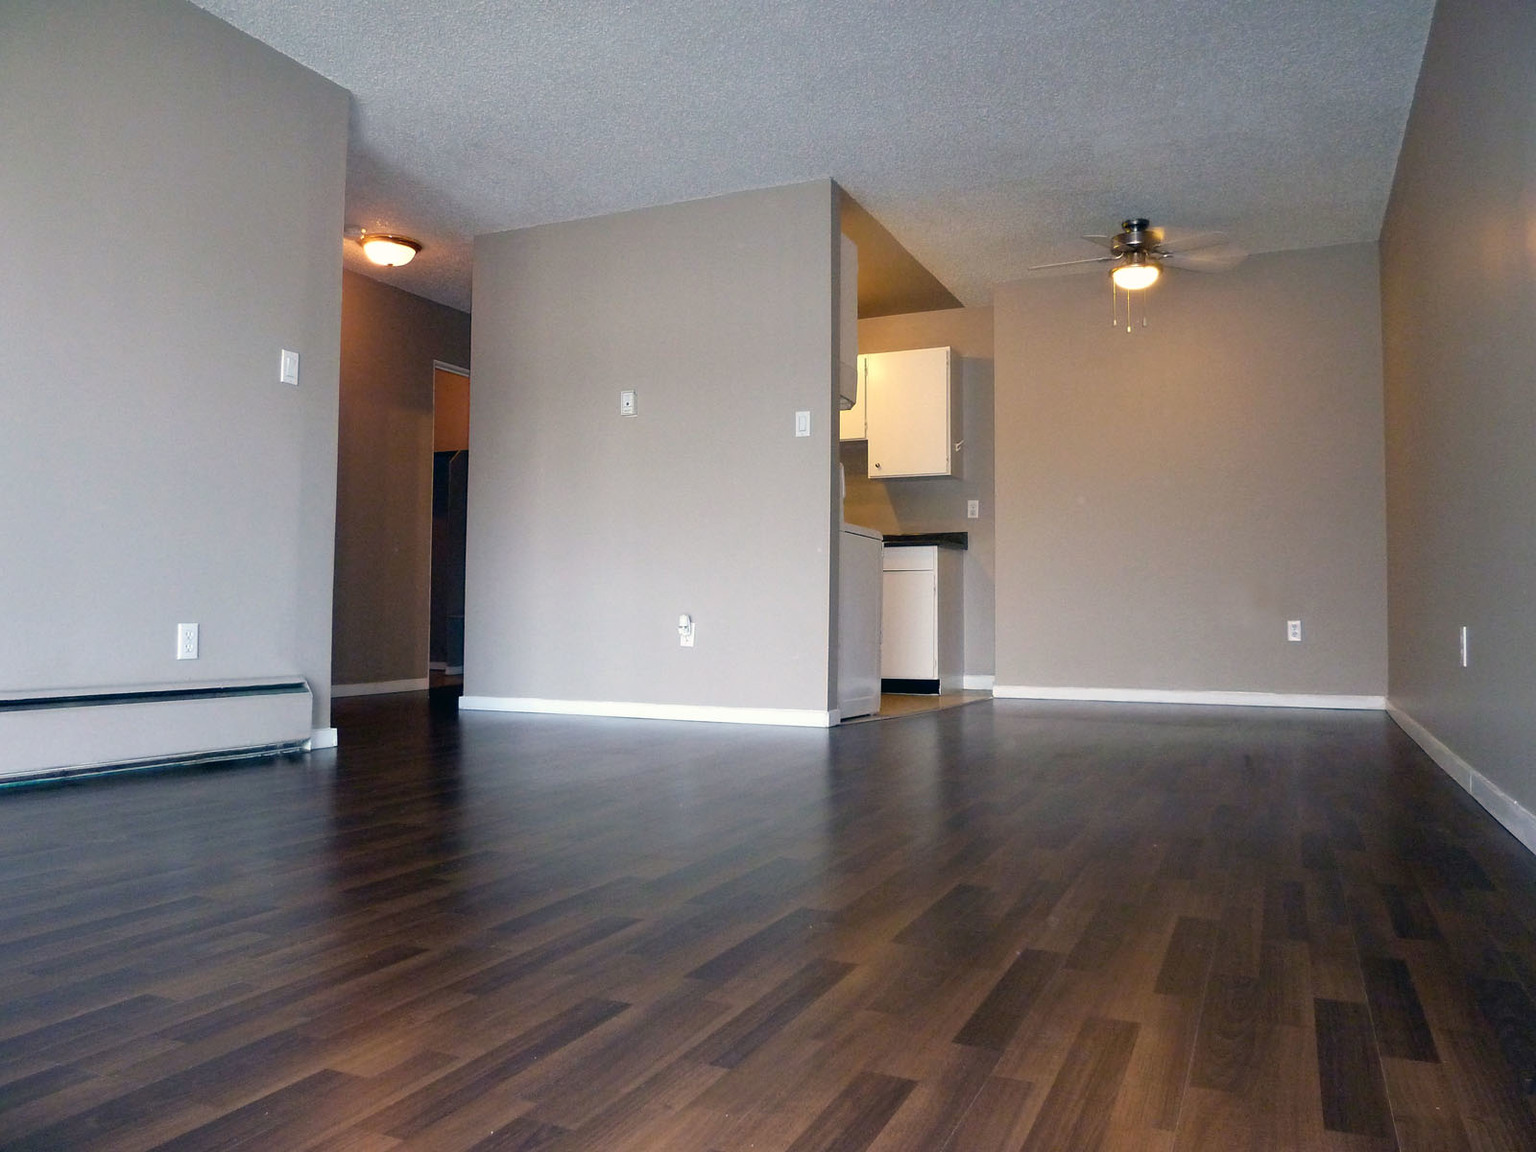 14921 104 Avenue, Surrey, BC - $1,300